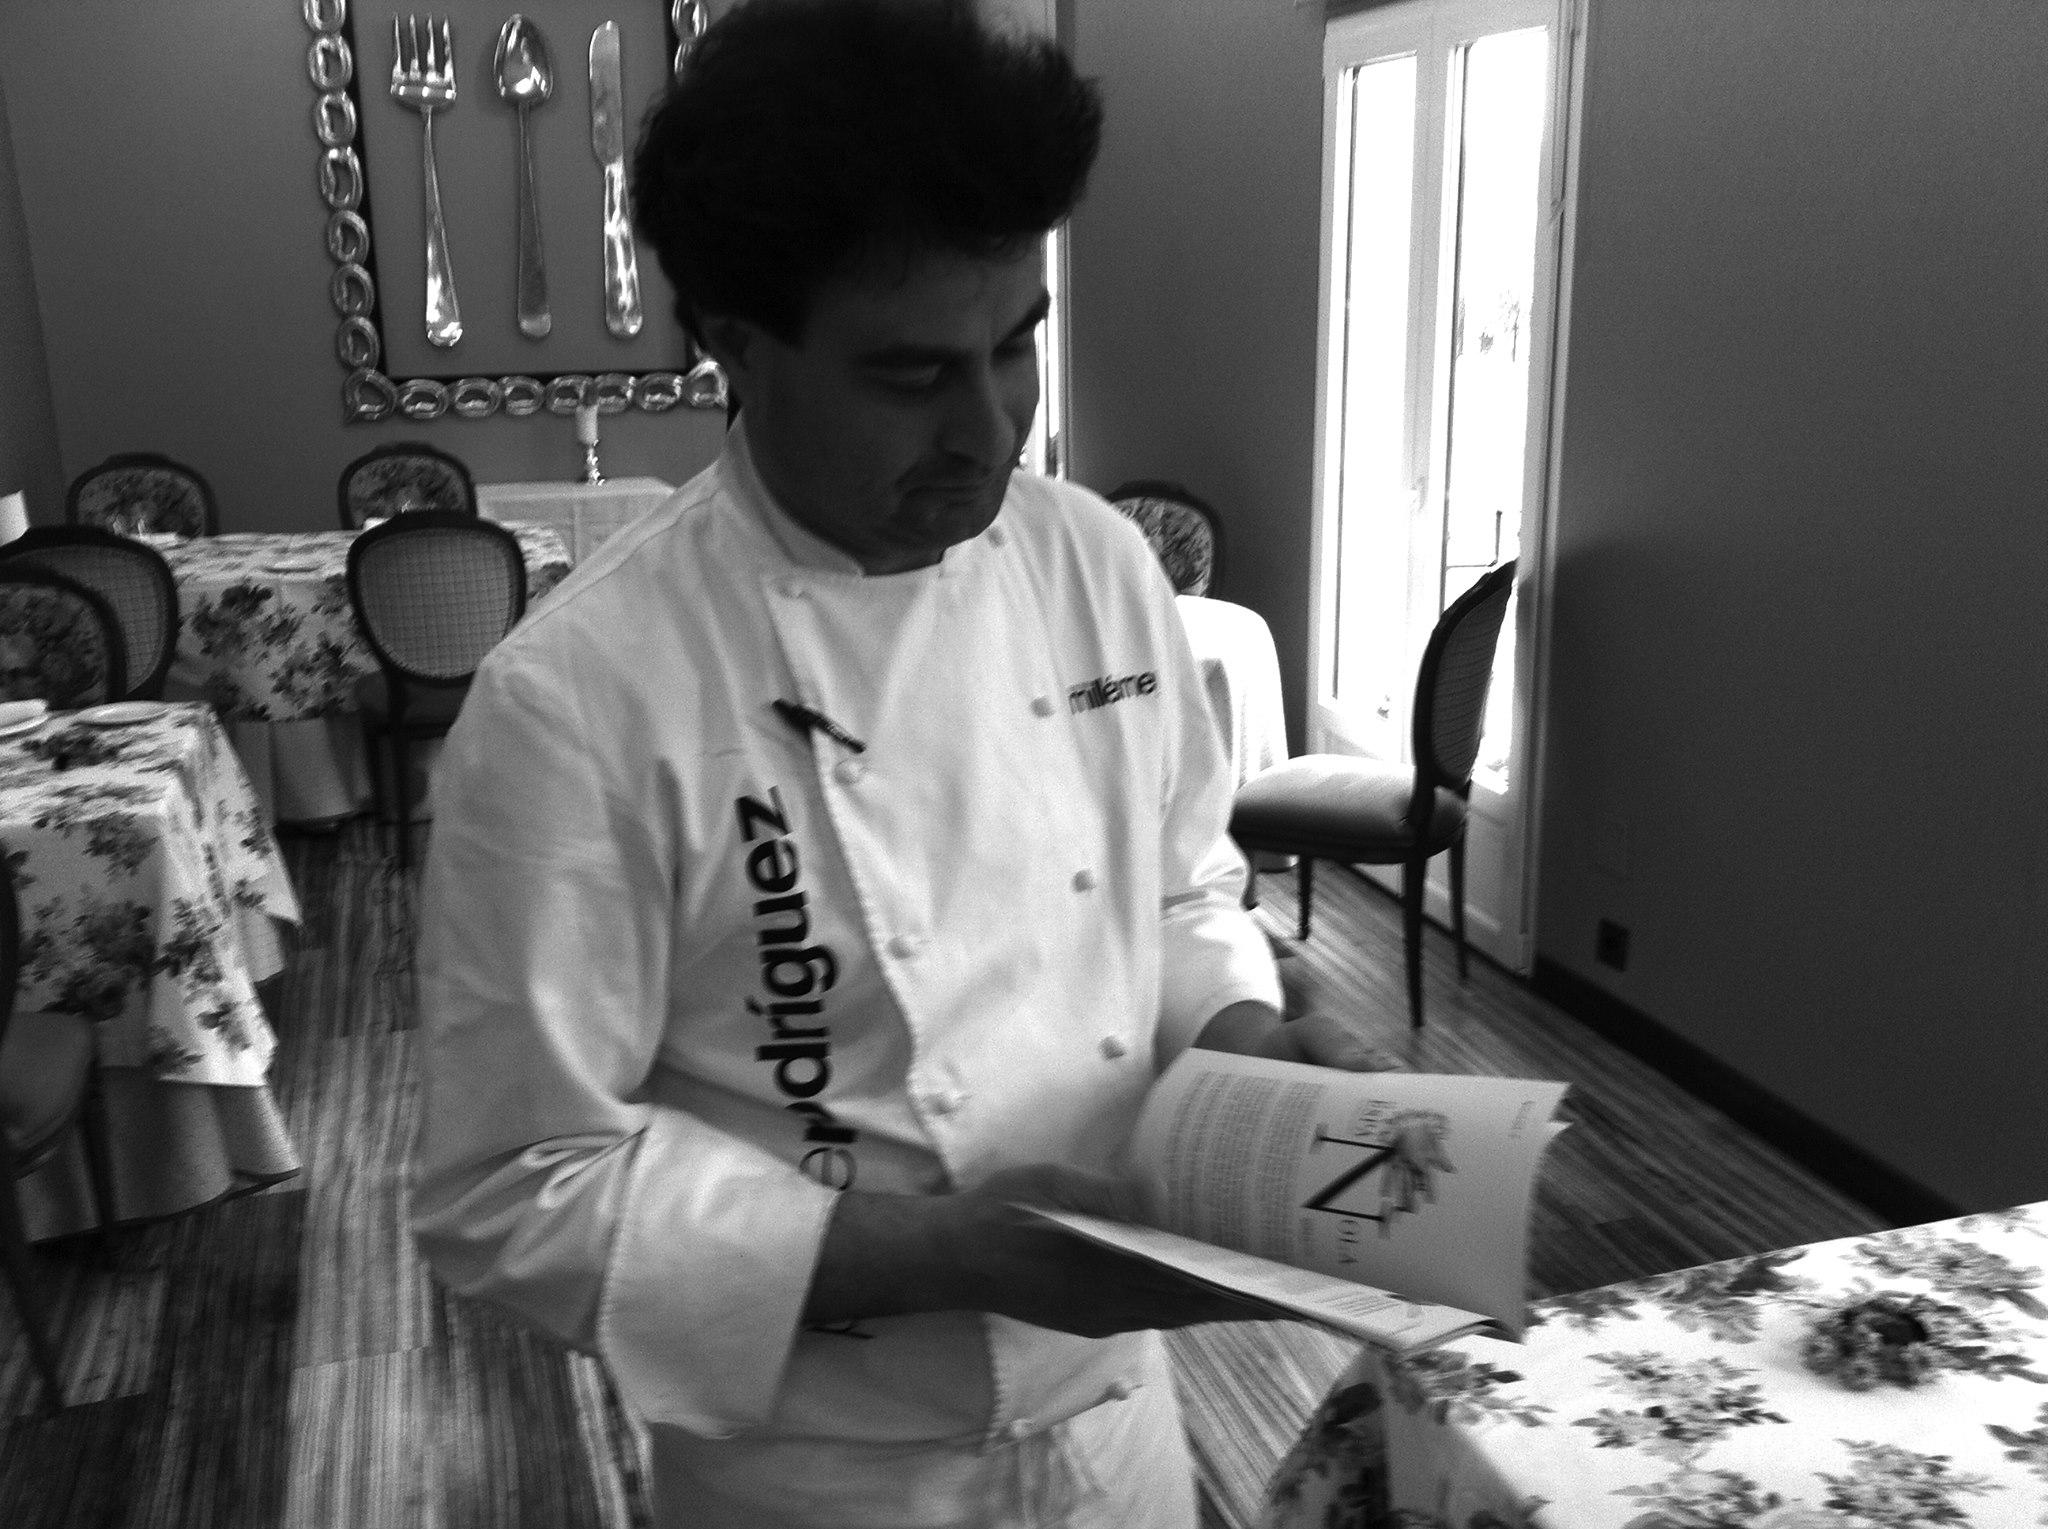 Masterchef llega a su fin la cocina tambi n es televisiva for Pesadilla en la cocina el rey